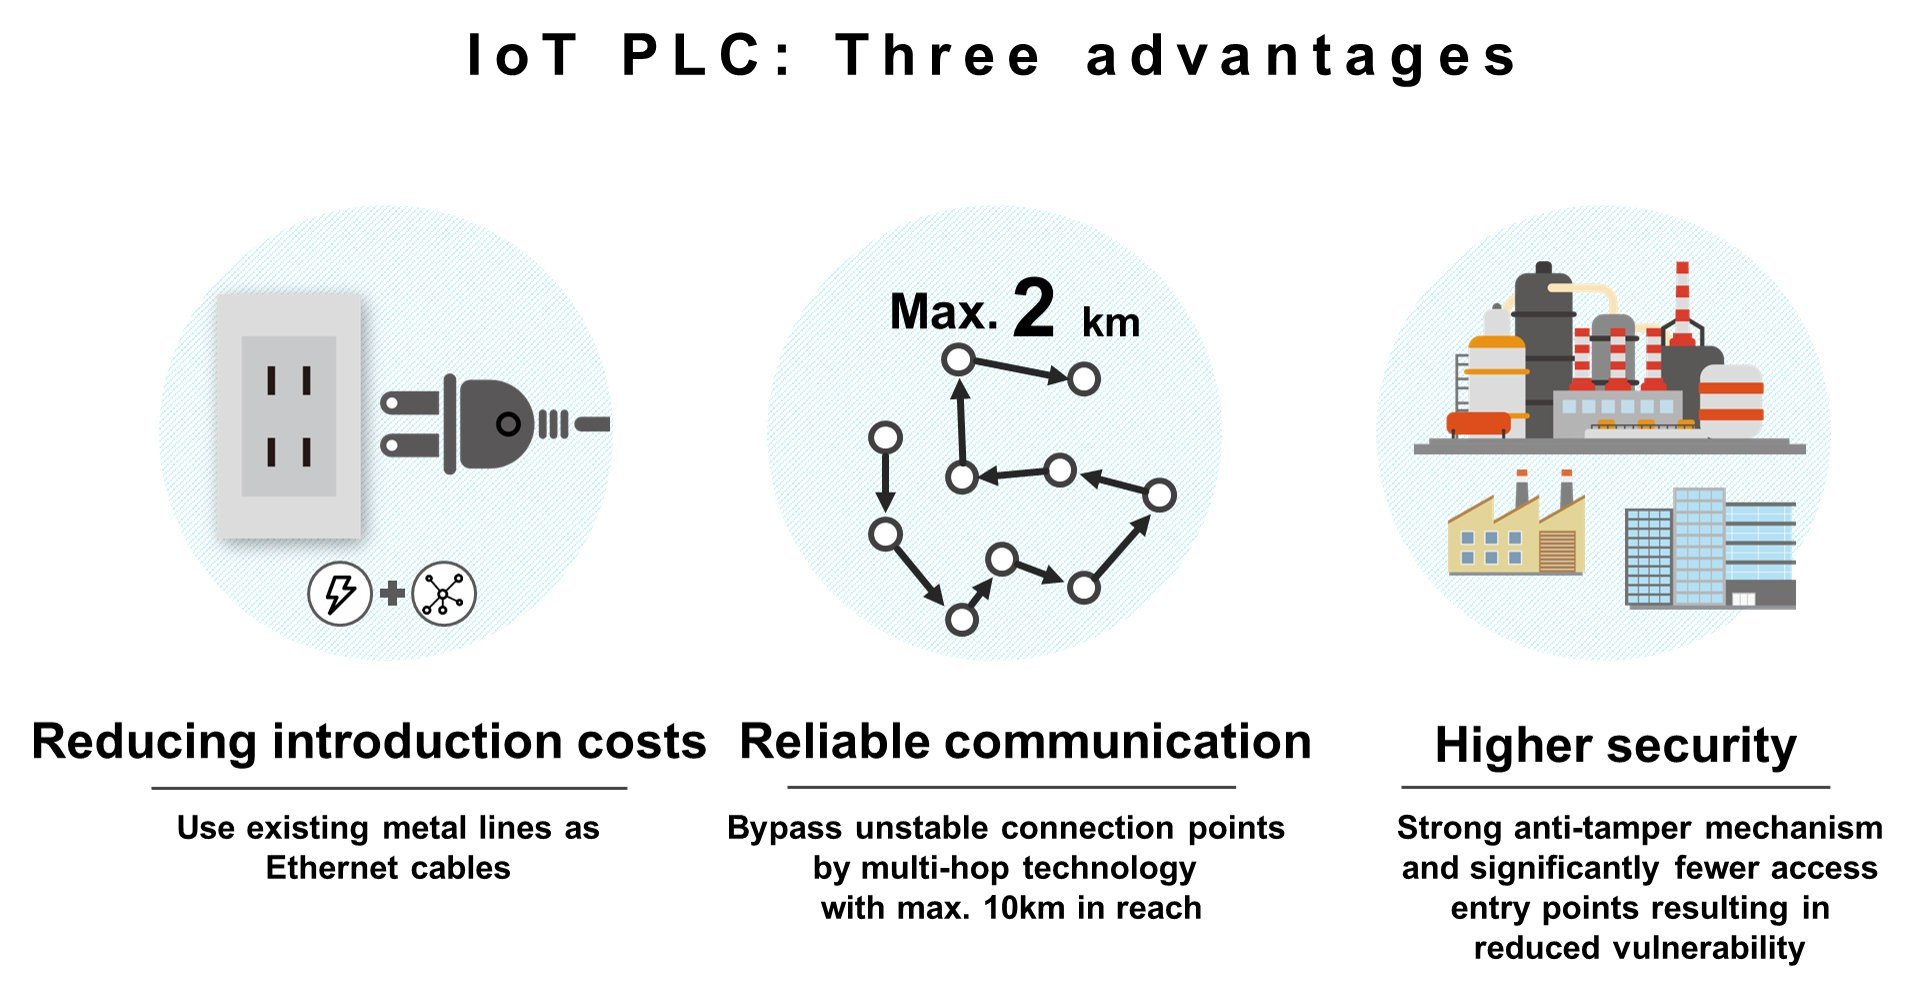 HD-PLC: Three major advantages